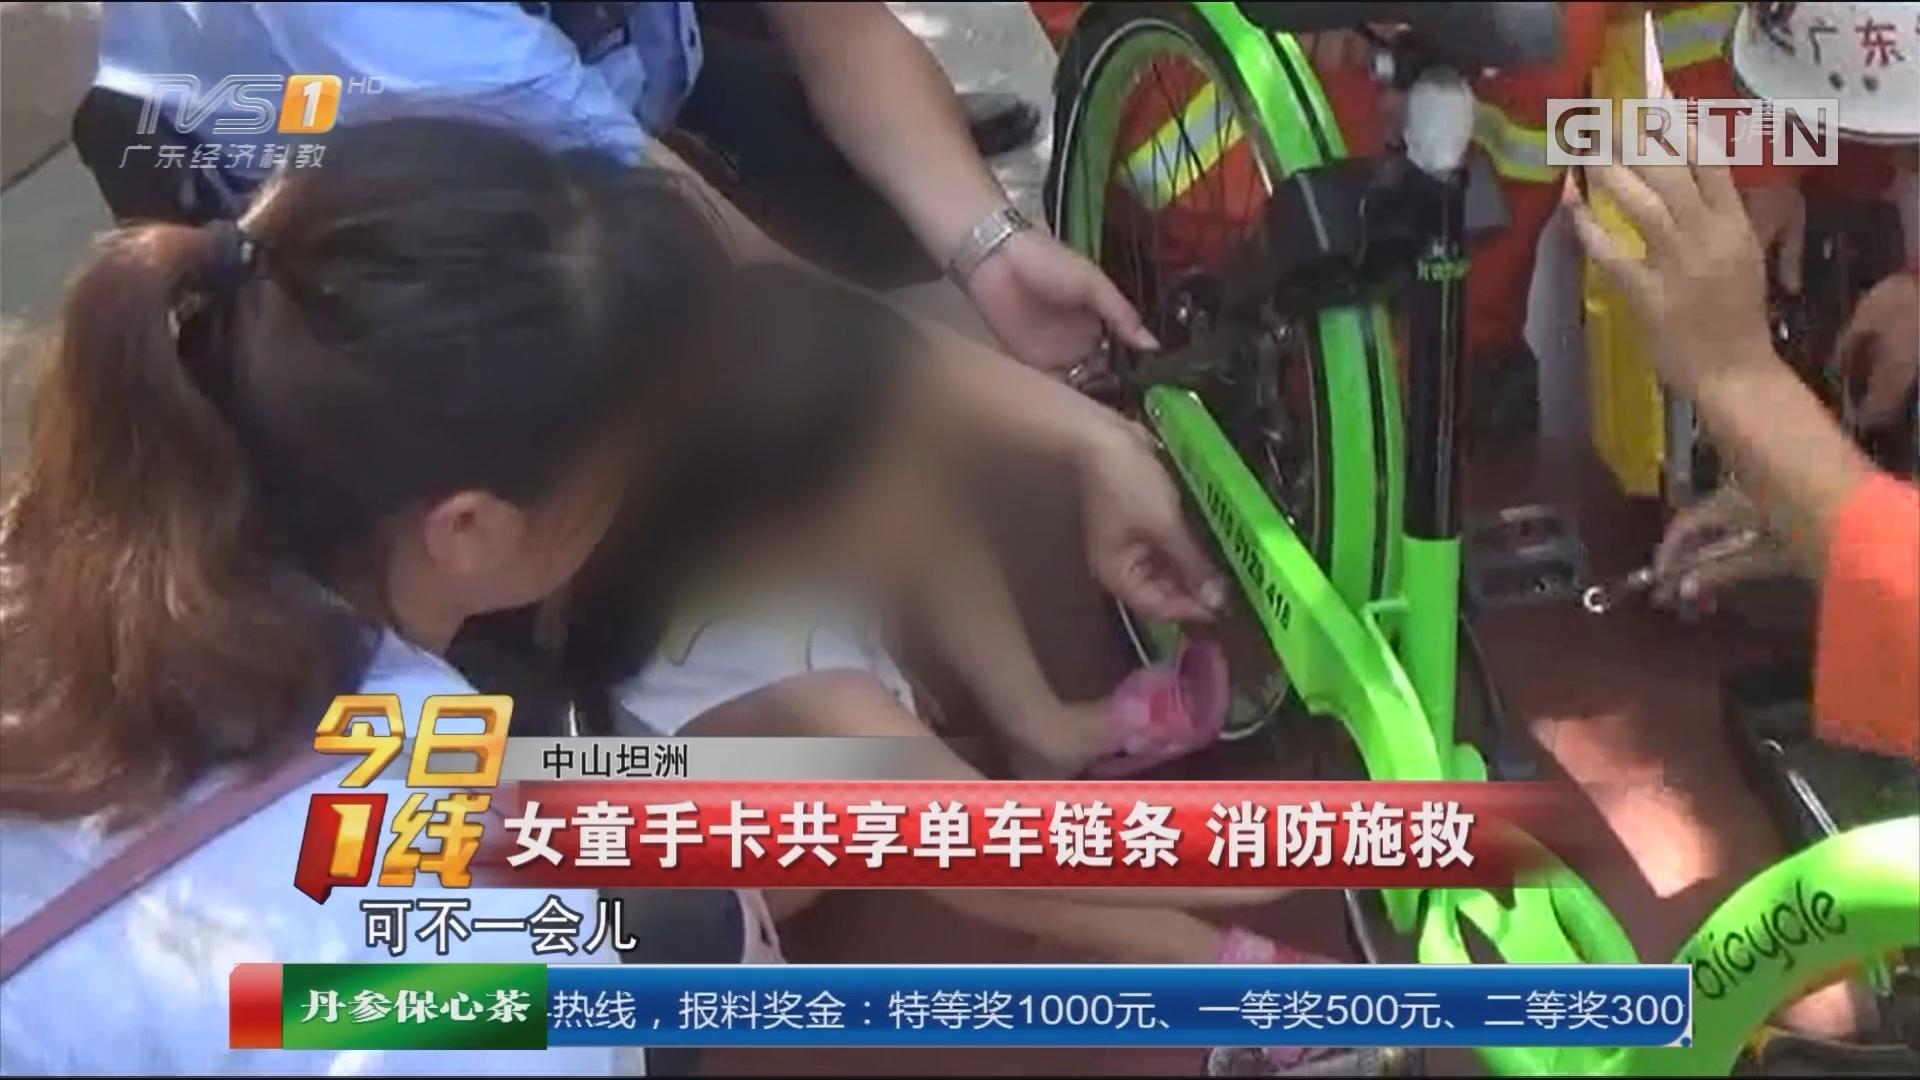 中山坦洲:女童手卡共享单车链条 消防施救